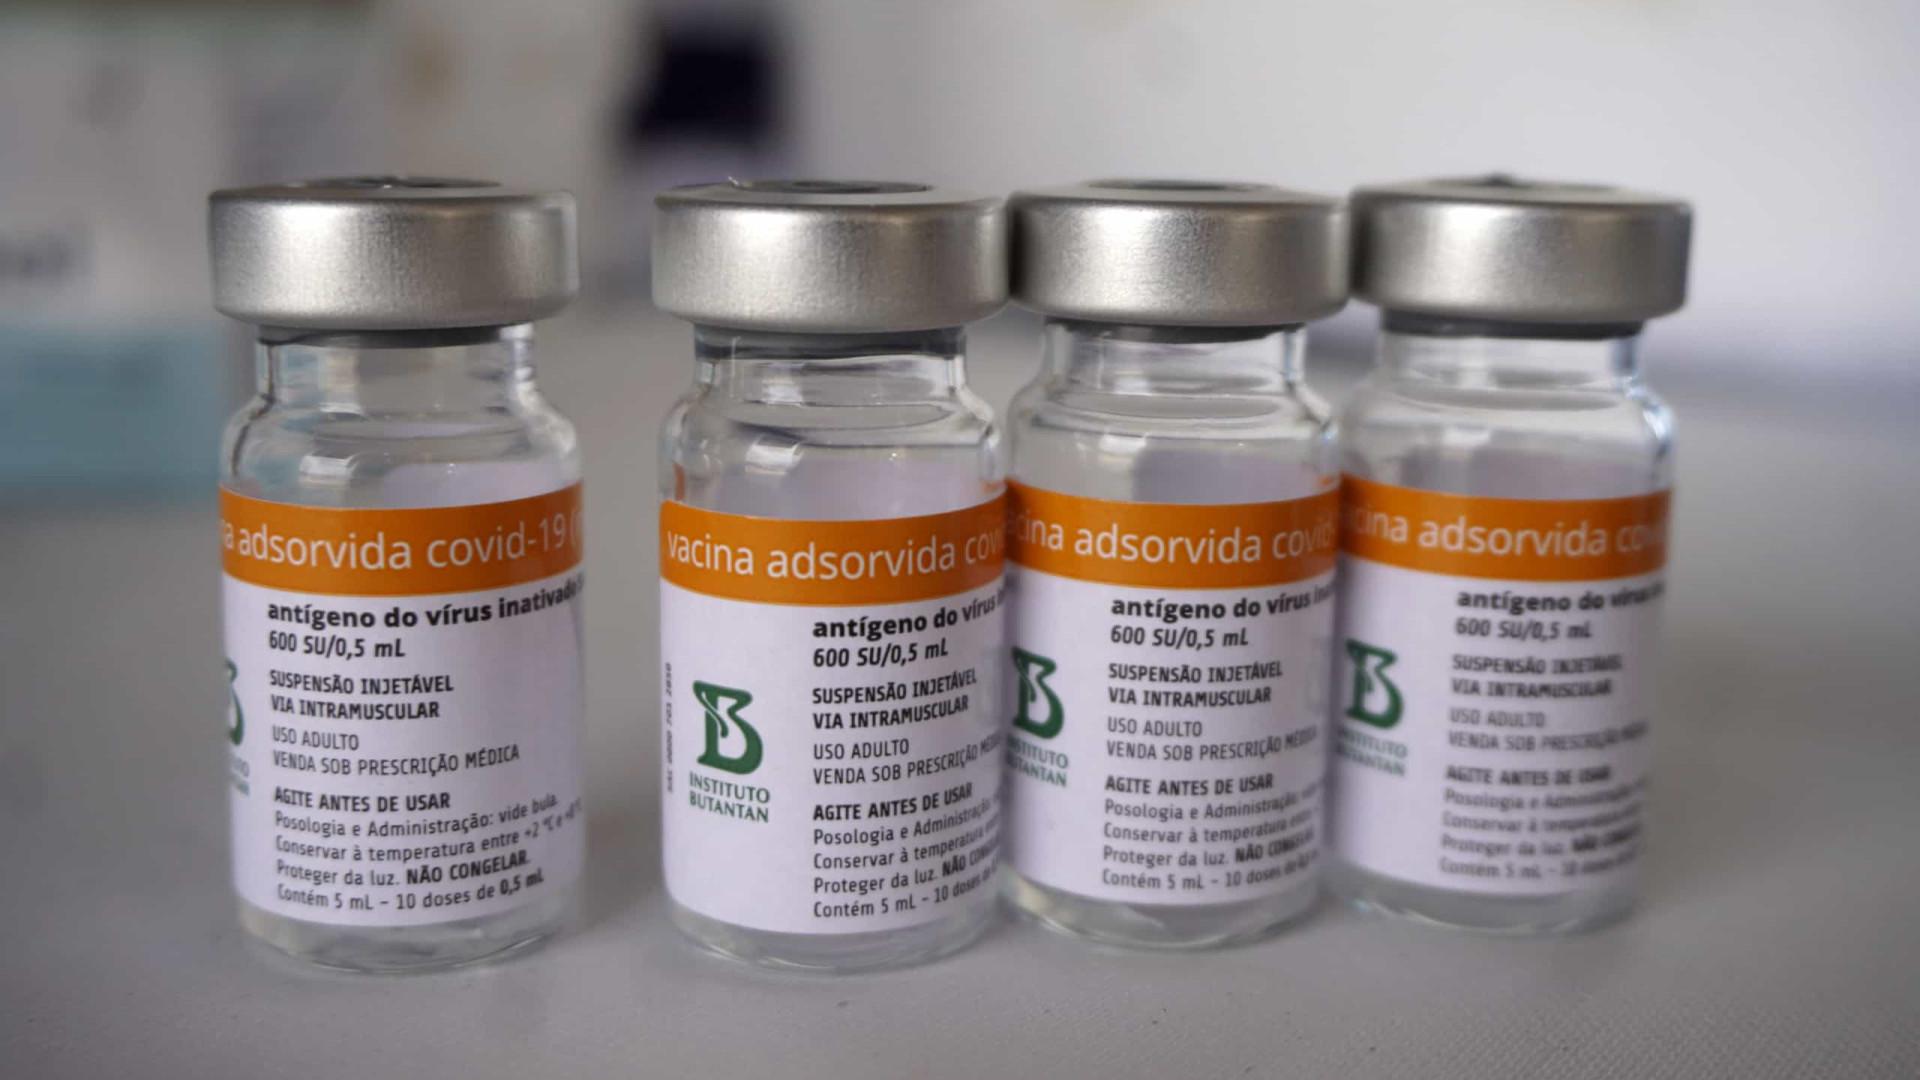 Falta de Coronavac para 2ª dose da vacina atinge mais de metade das capitais